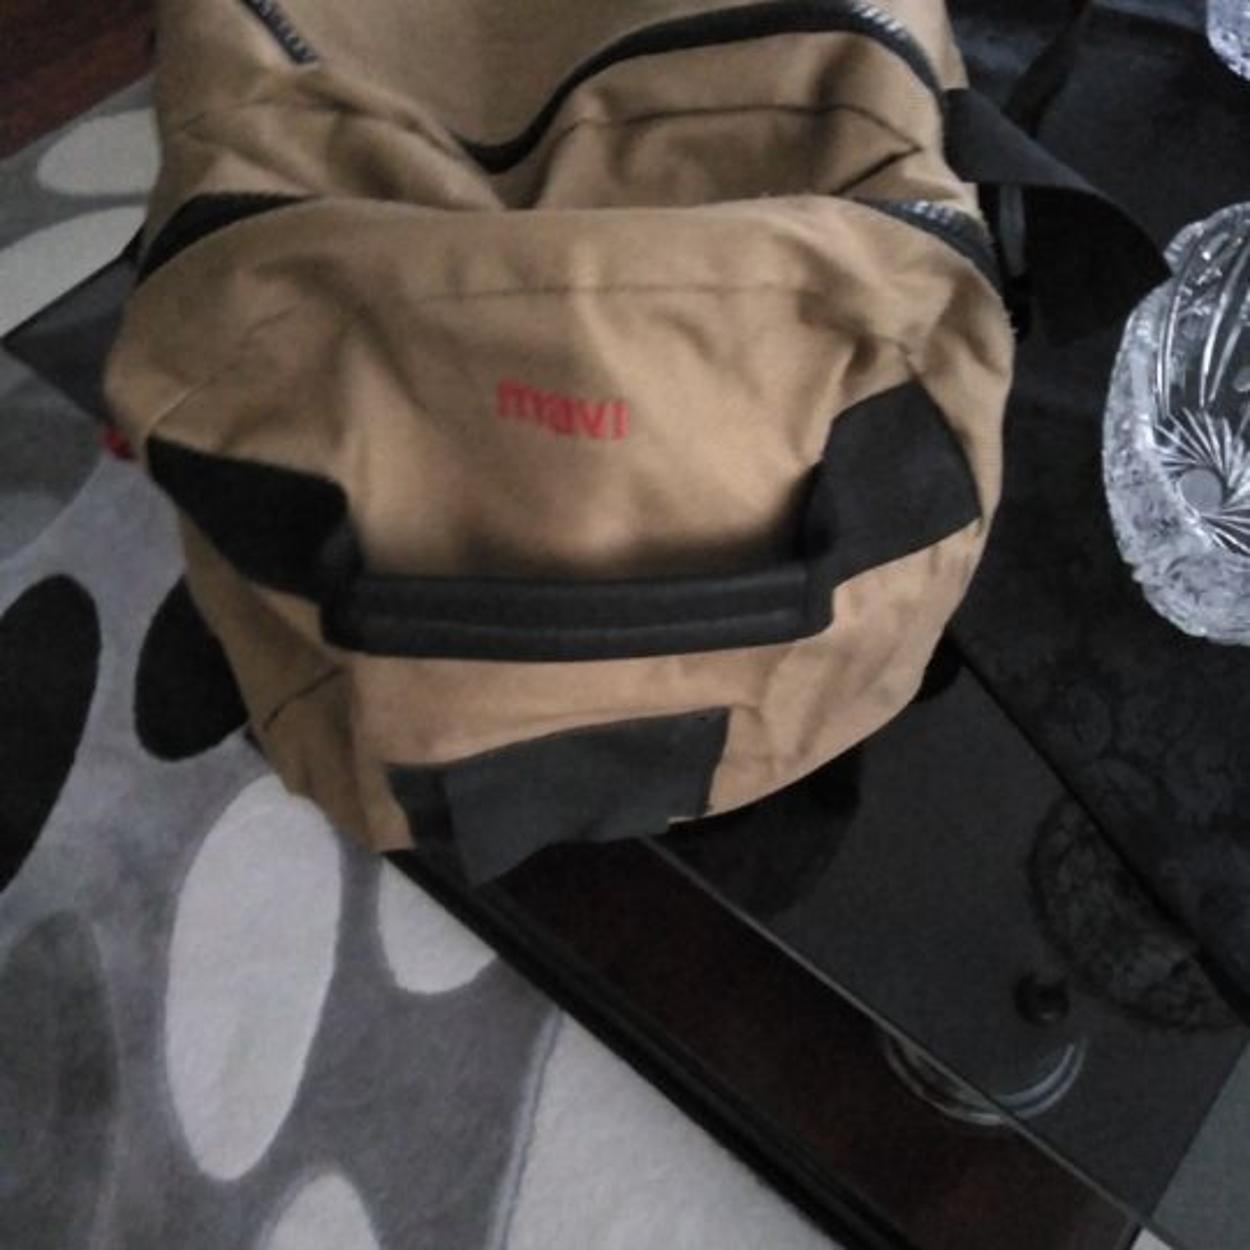 Mavi Seyahat çantası